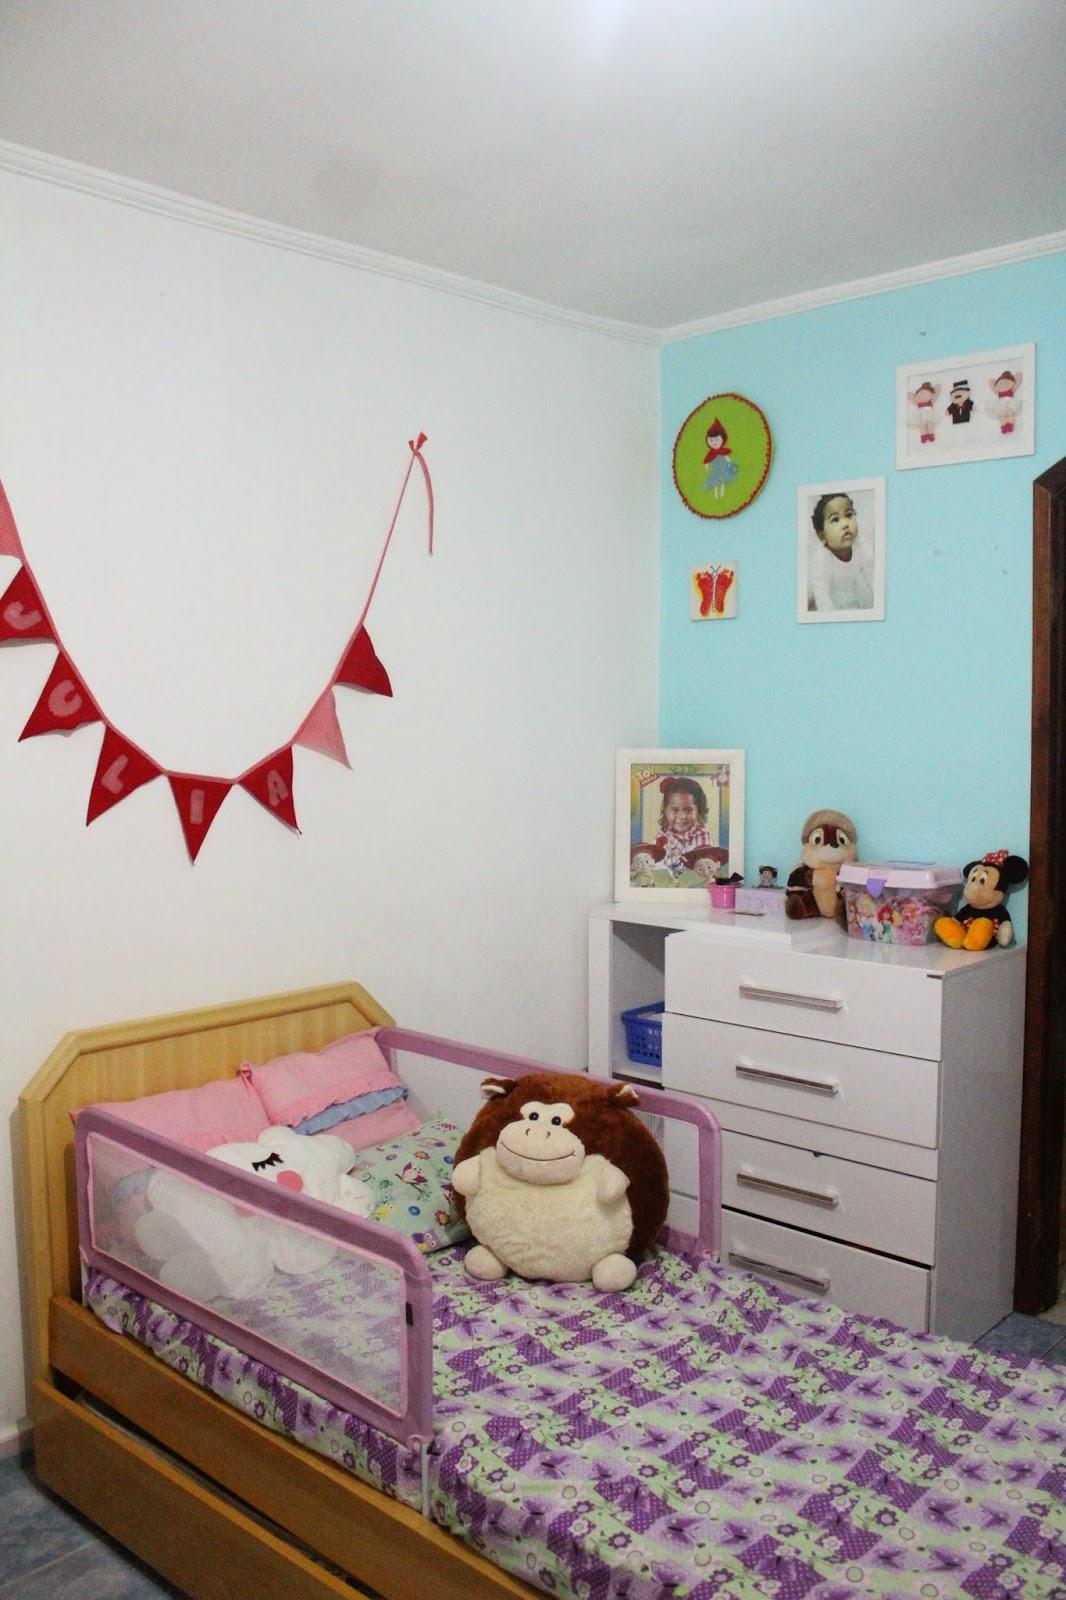 decorando quarto infantil, decoração lúdica